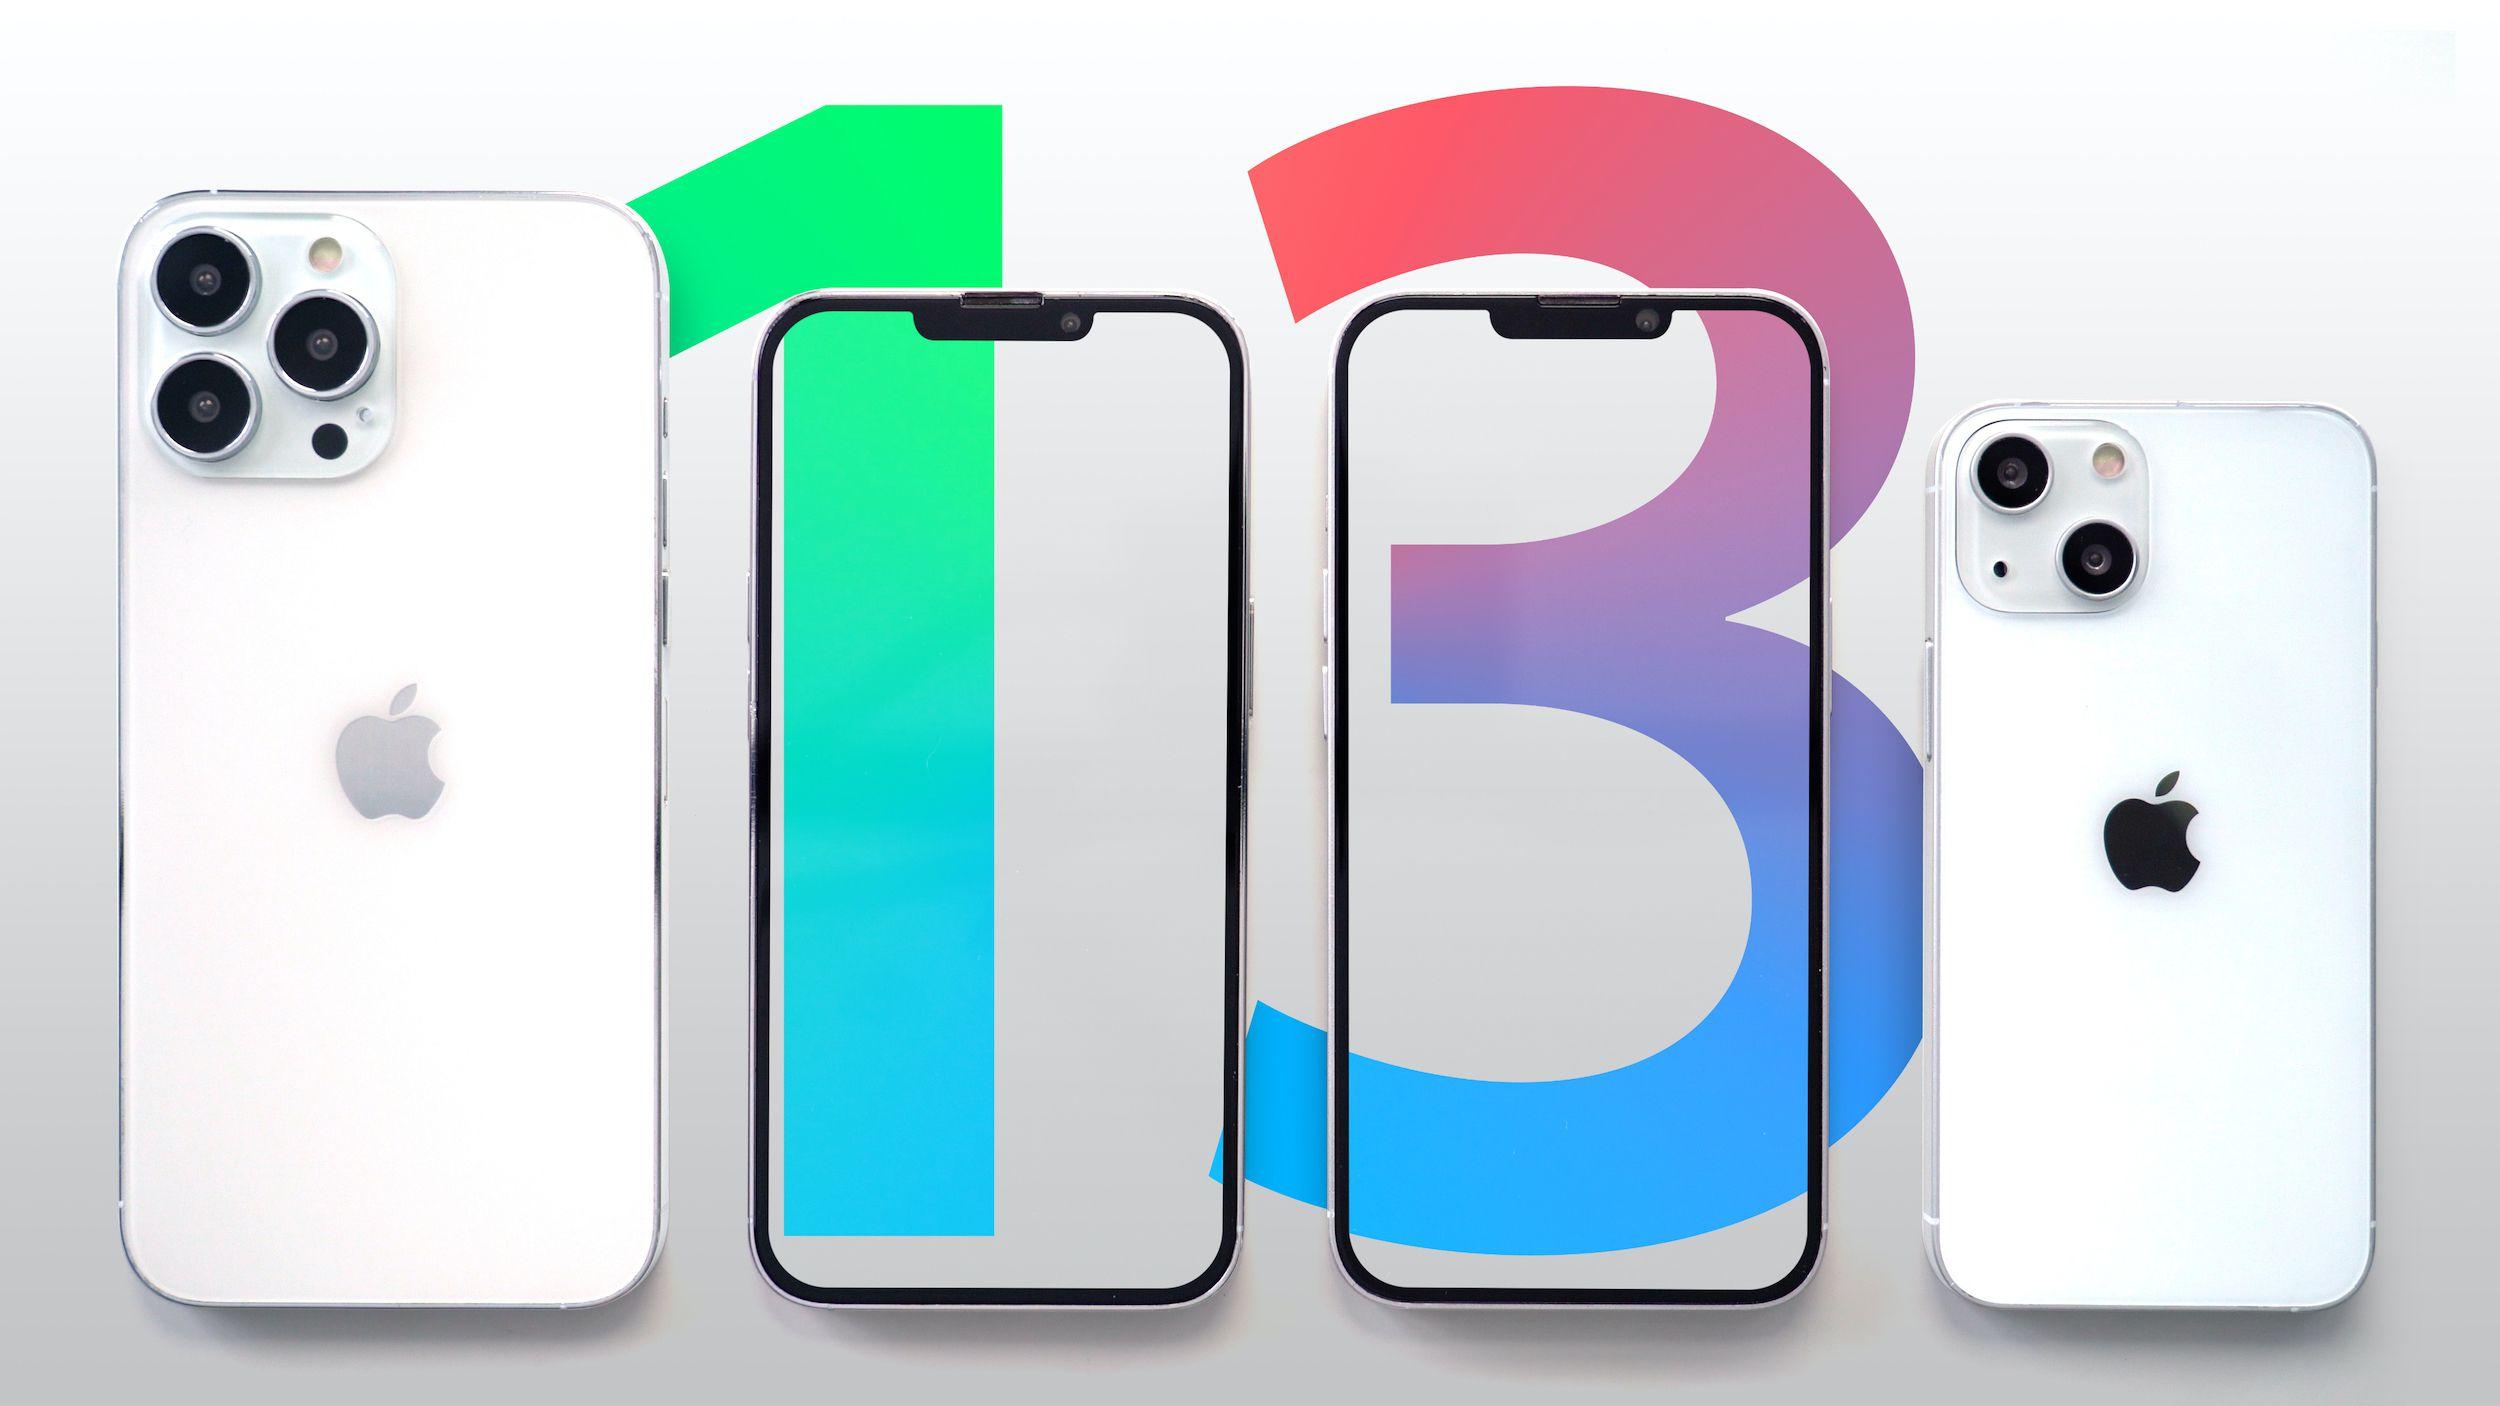 গতকালই ক্যালিফোর্নিয়ায় বহু প্রতীক্ষিত ইভেন্টে লঞ্চ হল iPhone 13। এই মুহূর্তে বিভিন্ন আইফোনের দাম কত? জেনে নিন এক নজরে। ছবি : টুইটার (Twitter)